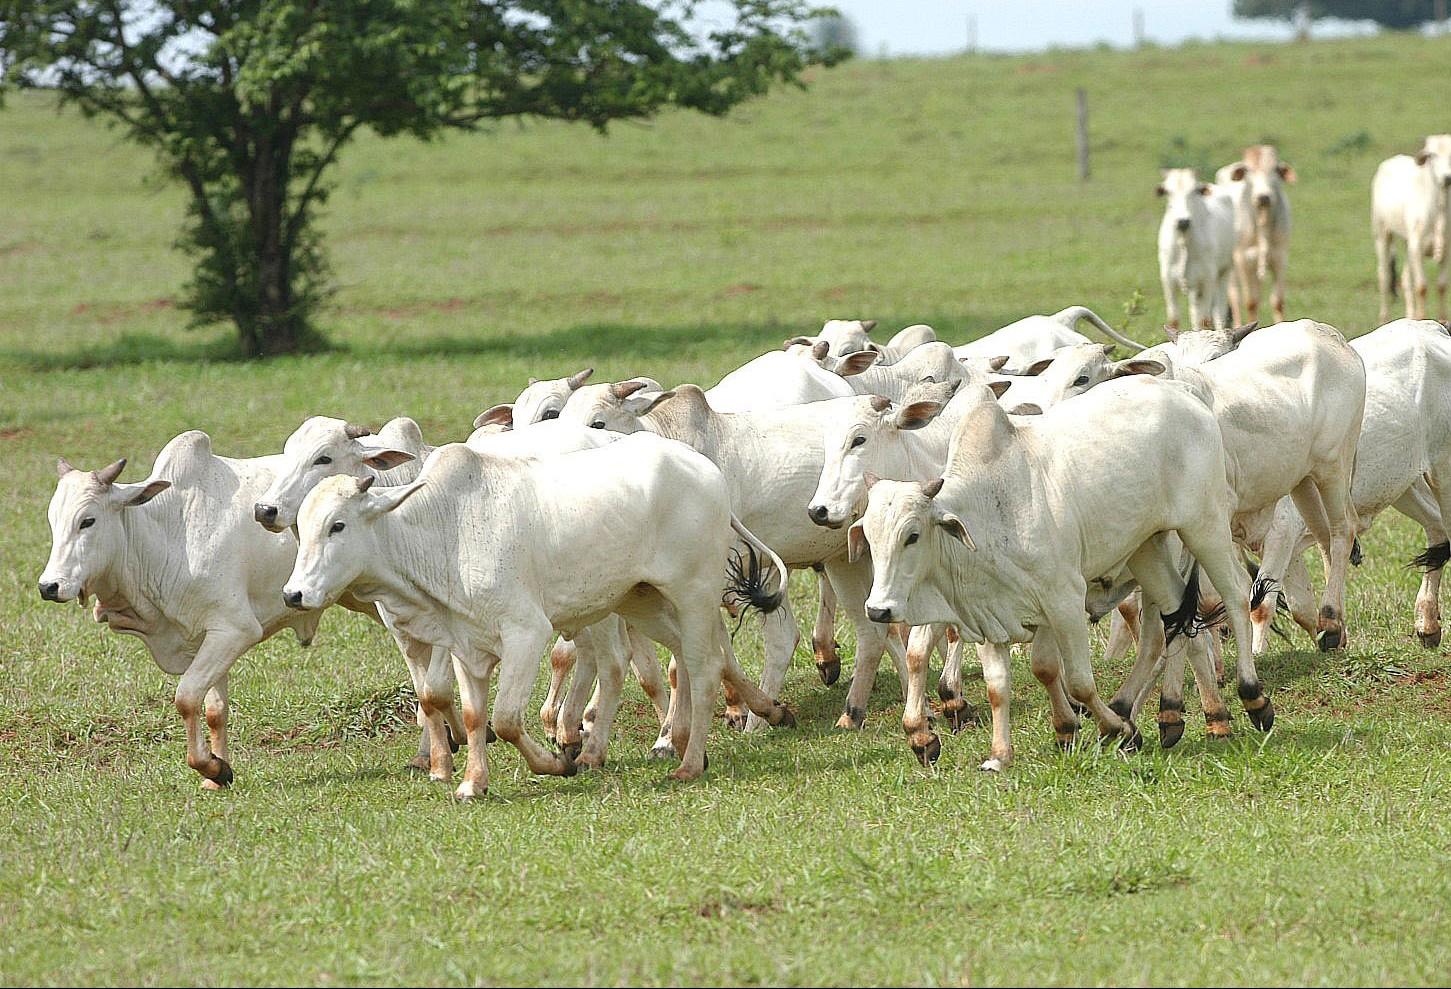 Boi gordo custa R$ 150 a arroba na região de Maringá